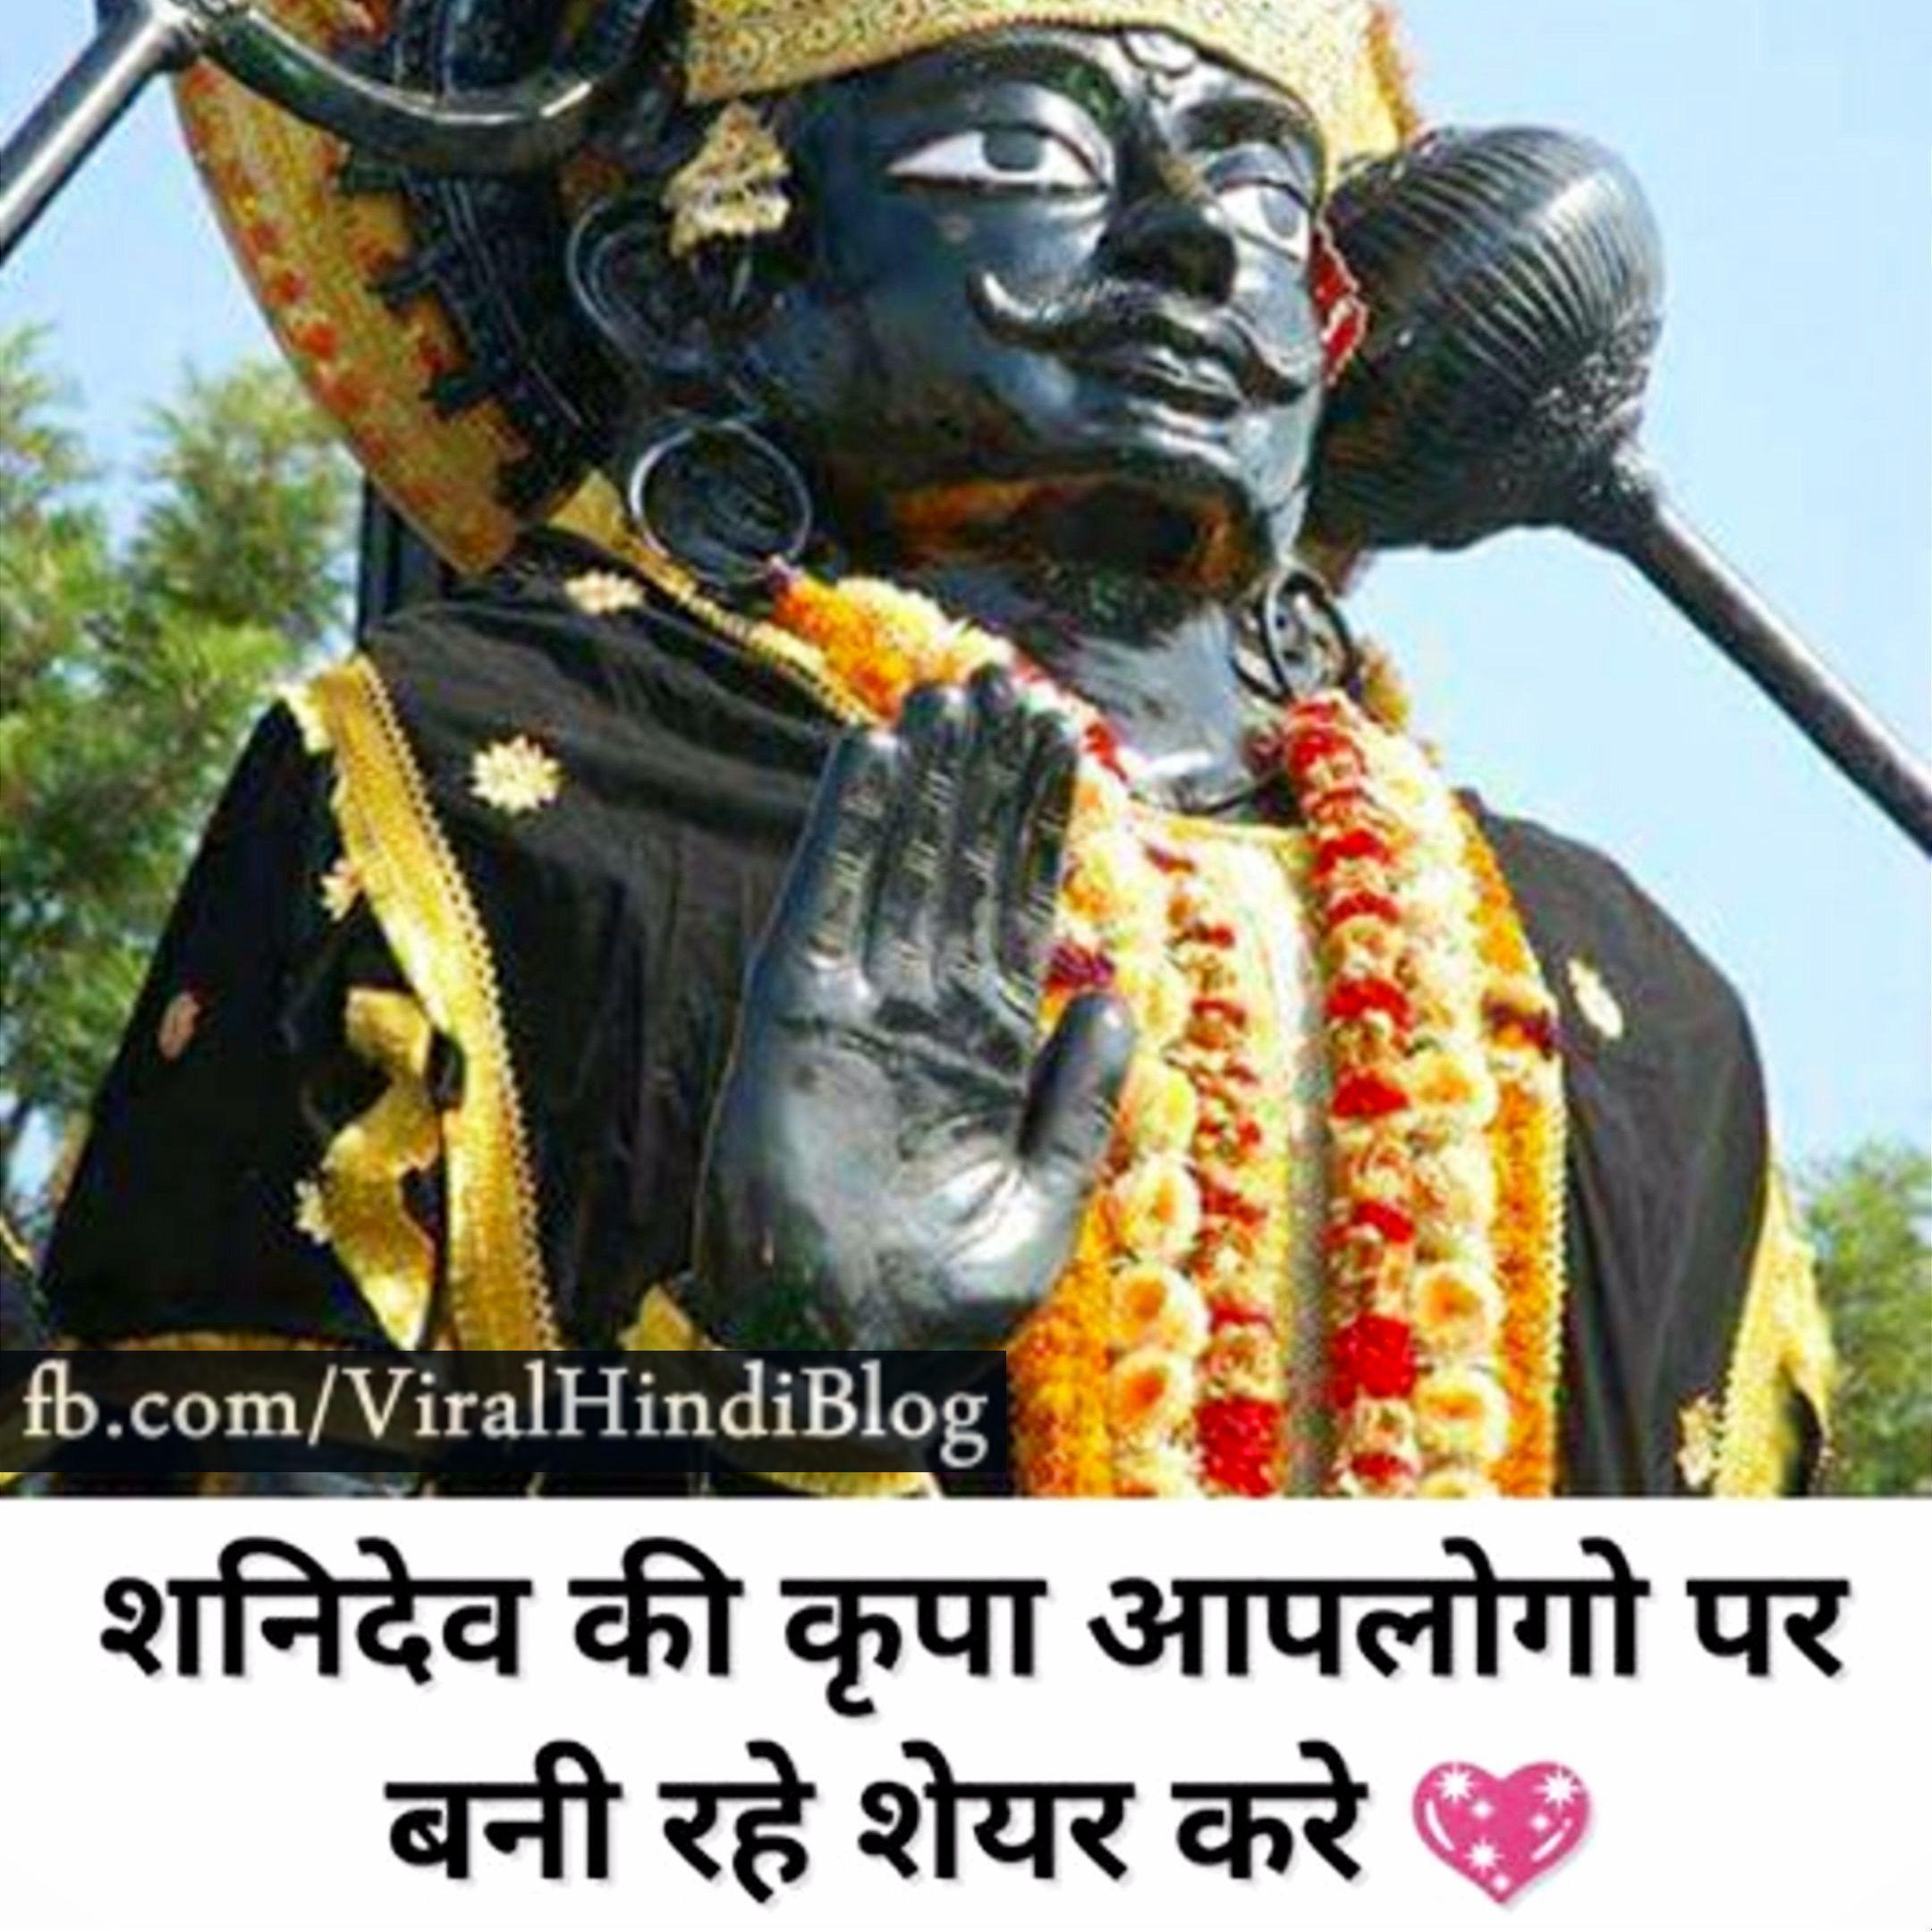 Idea by viral hindi blog on devotion buddha statue